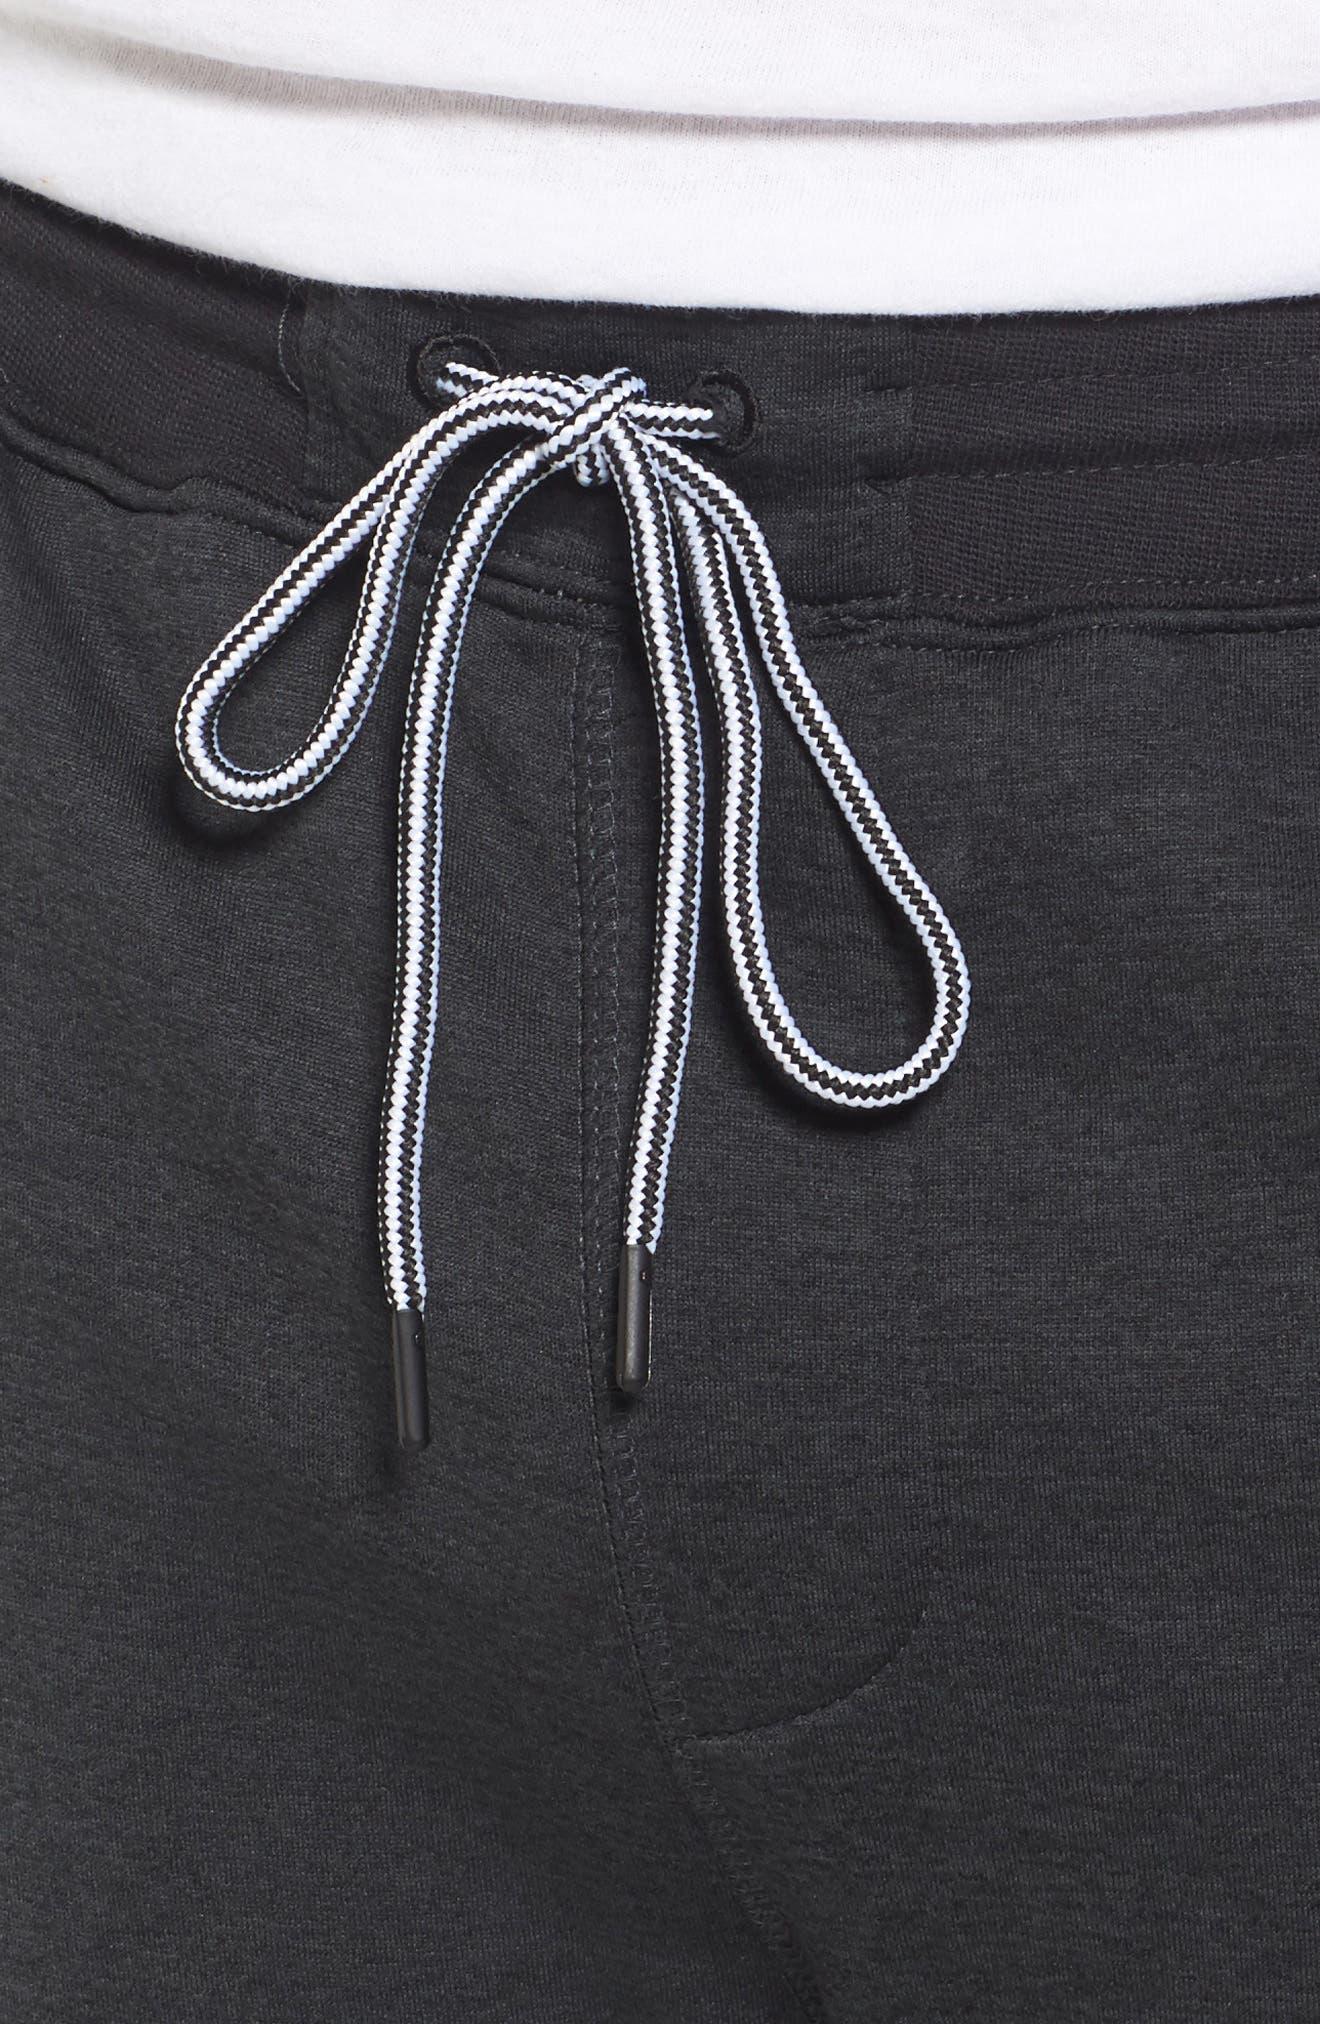 Dri-FIT Disperse Jogger Pants,                             Alternate thumbnail 4, color,                             Black